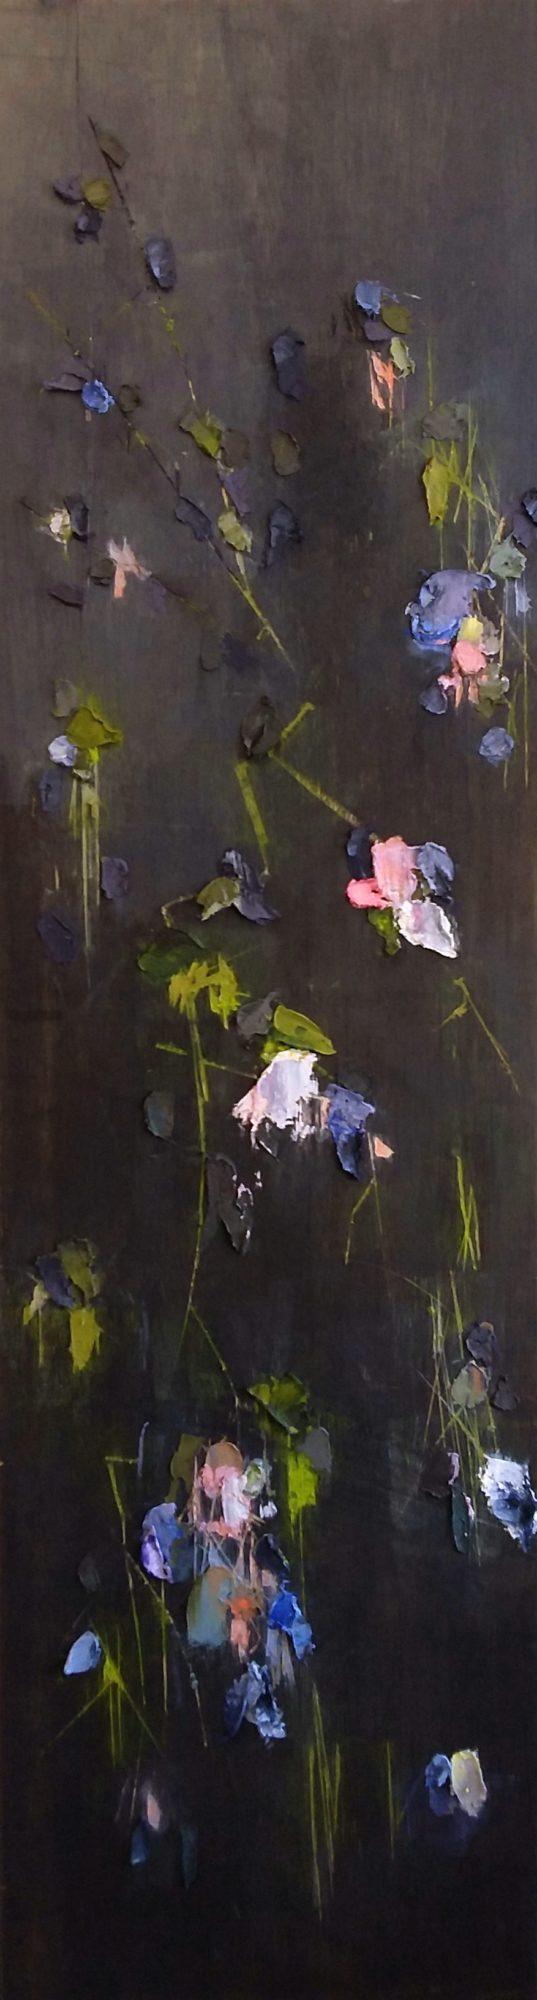 Moonlit Petals